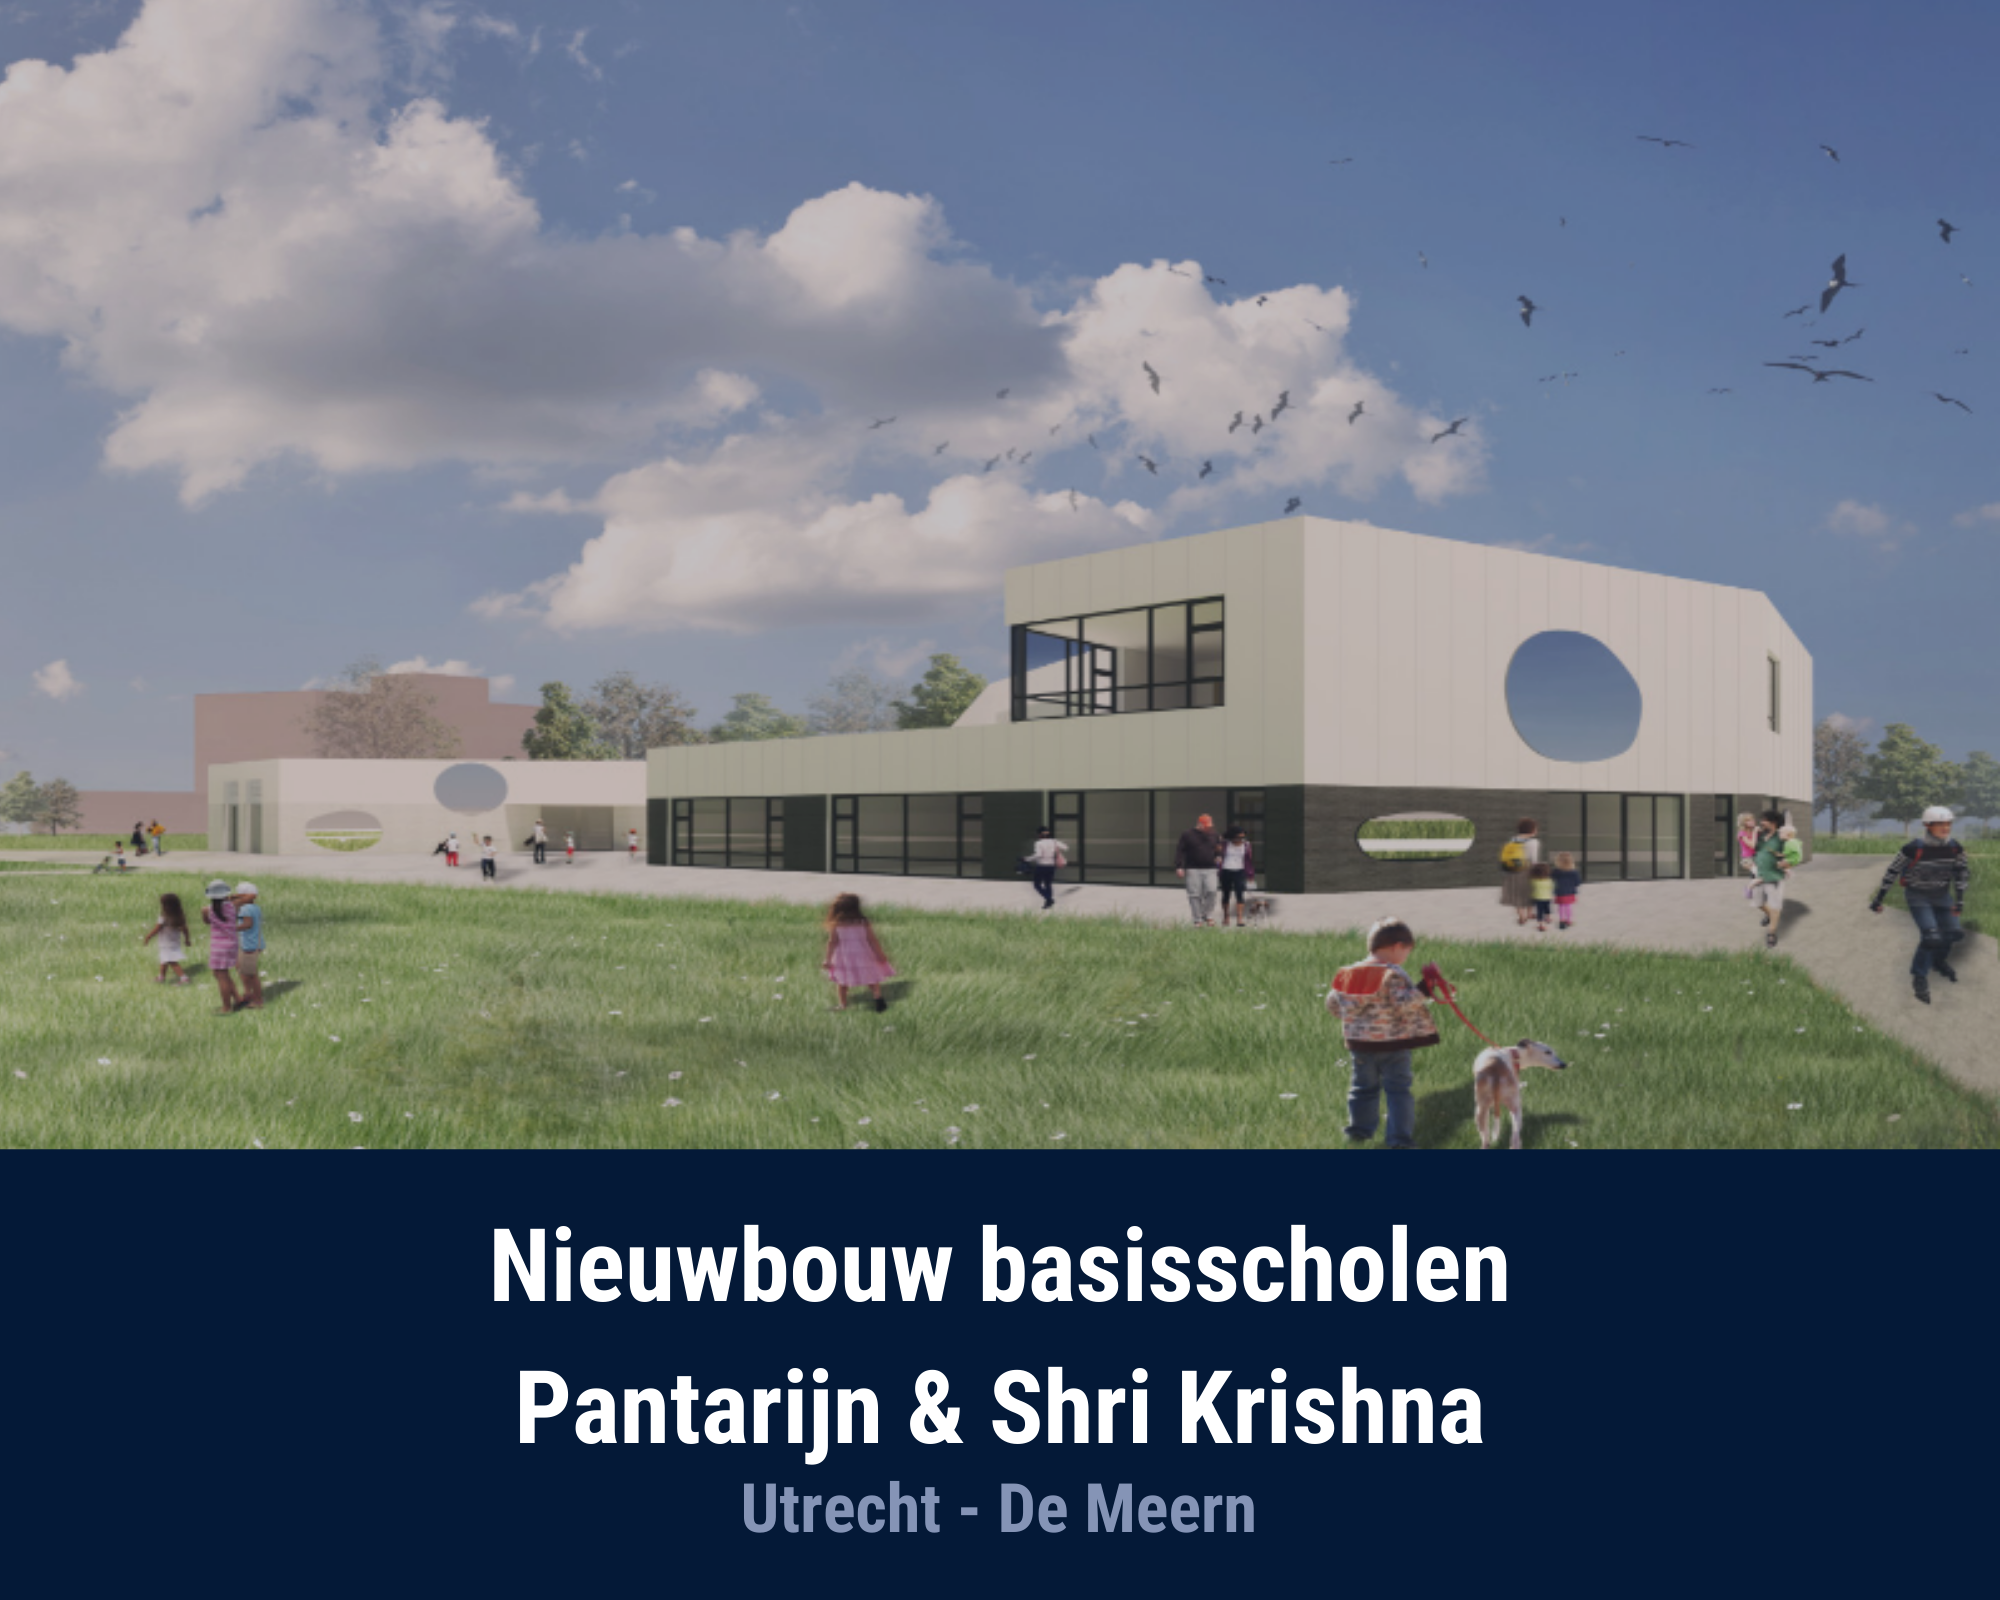 Nieuwbouw Basisscholen Pantarijn & Shri Krishna